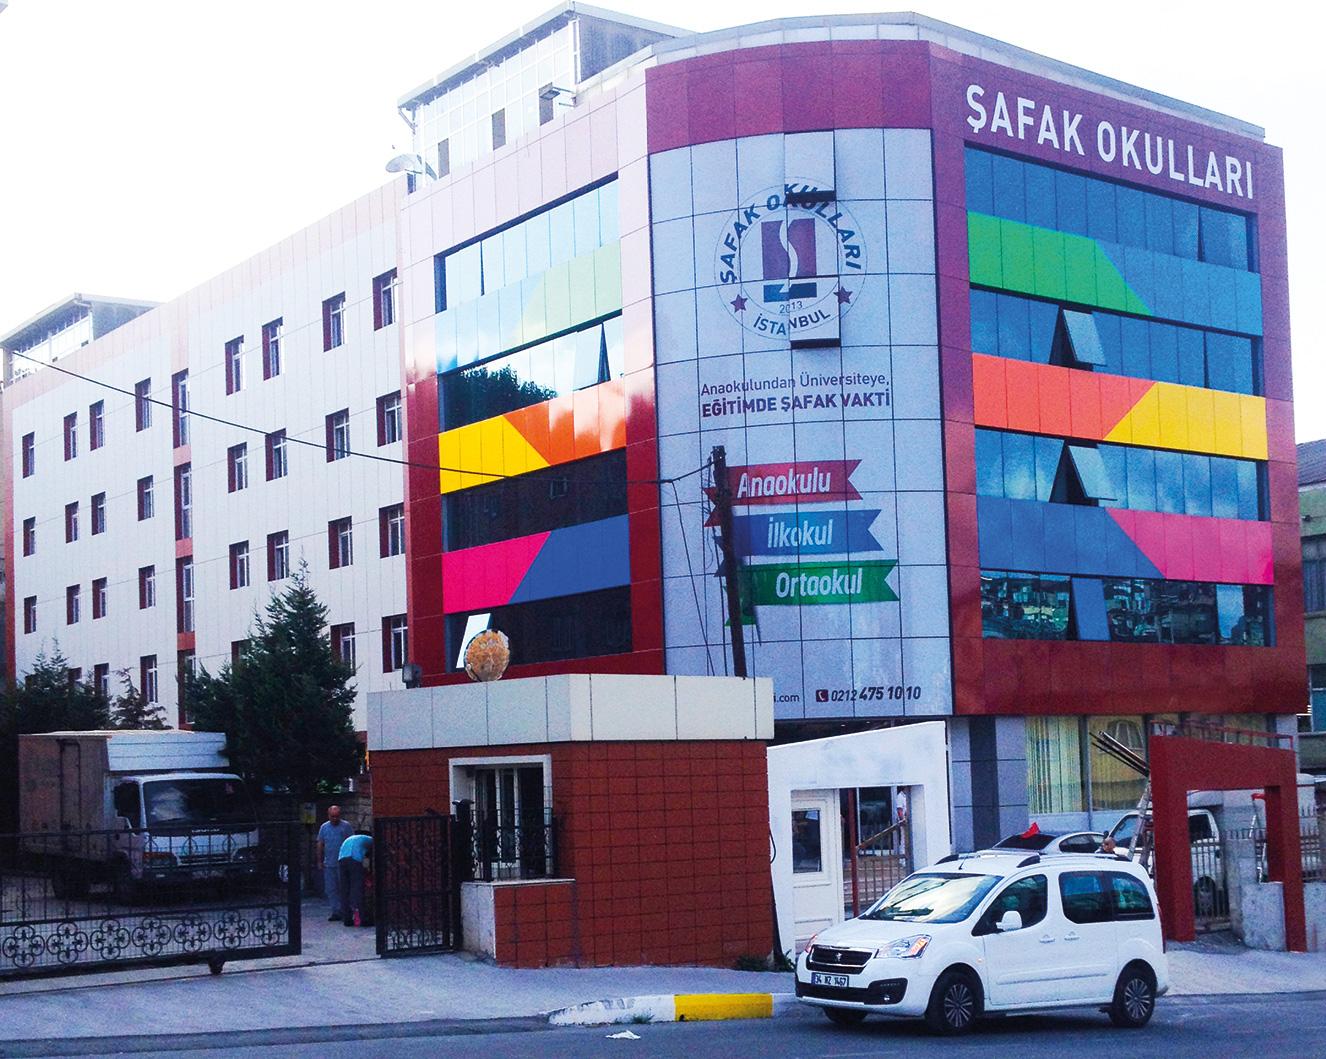 Şafak Okulları Küçükköy Ortaokulu